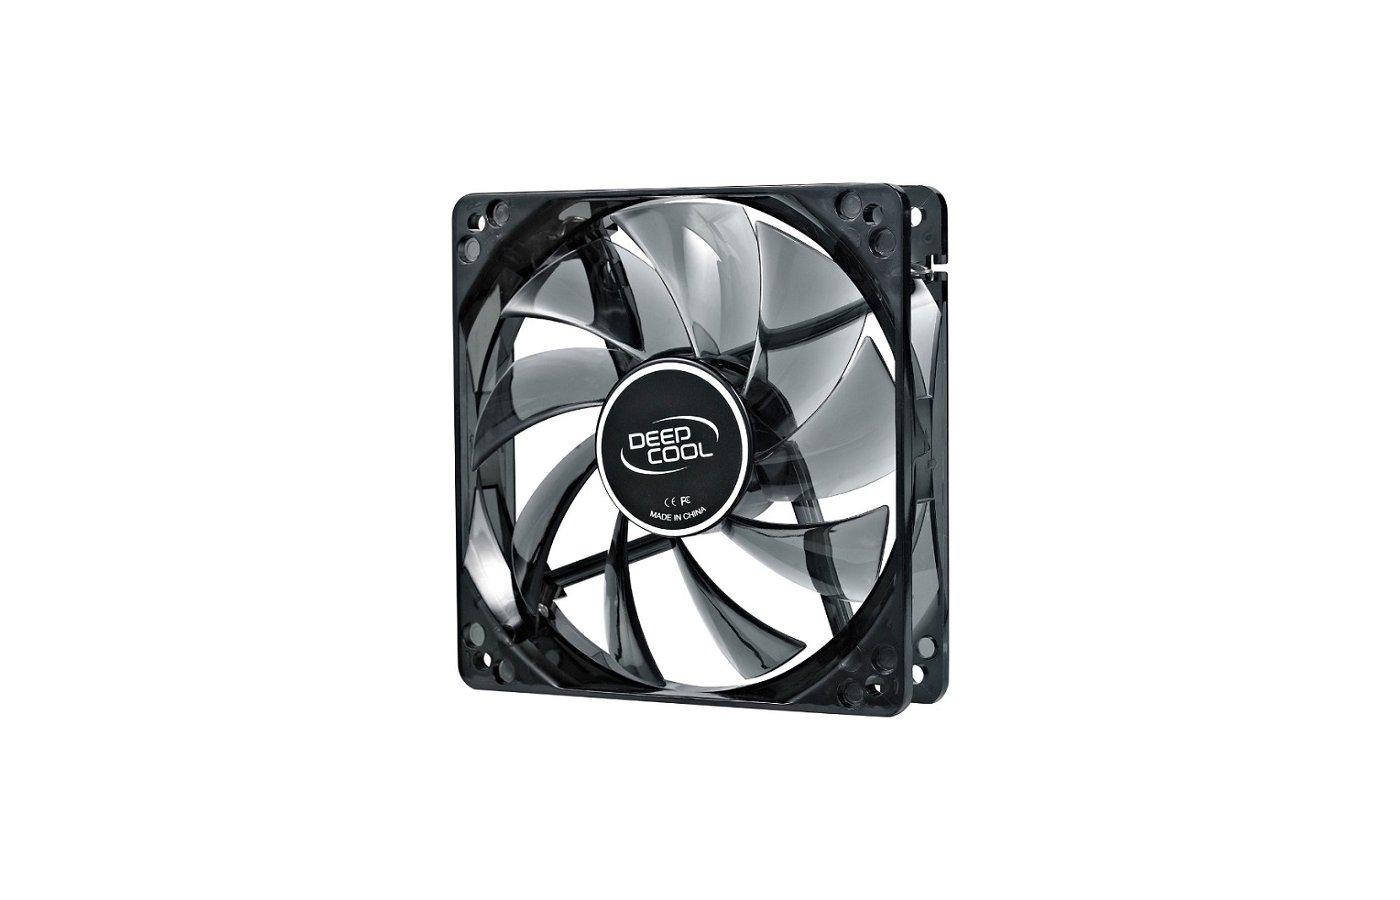 Охлаждение Deepcool WIND BLADE 80 80x80x25 3pin 20dB 1800rpm 60g голубой LED для корпуса